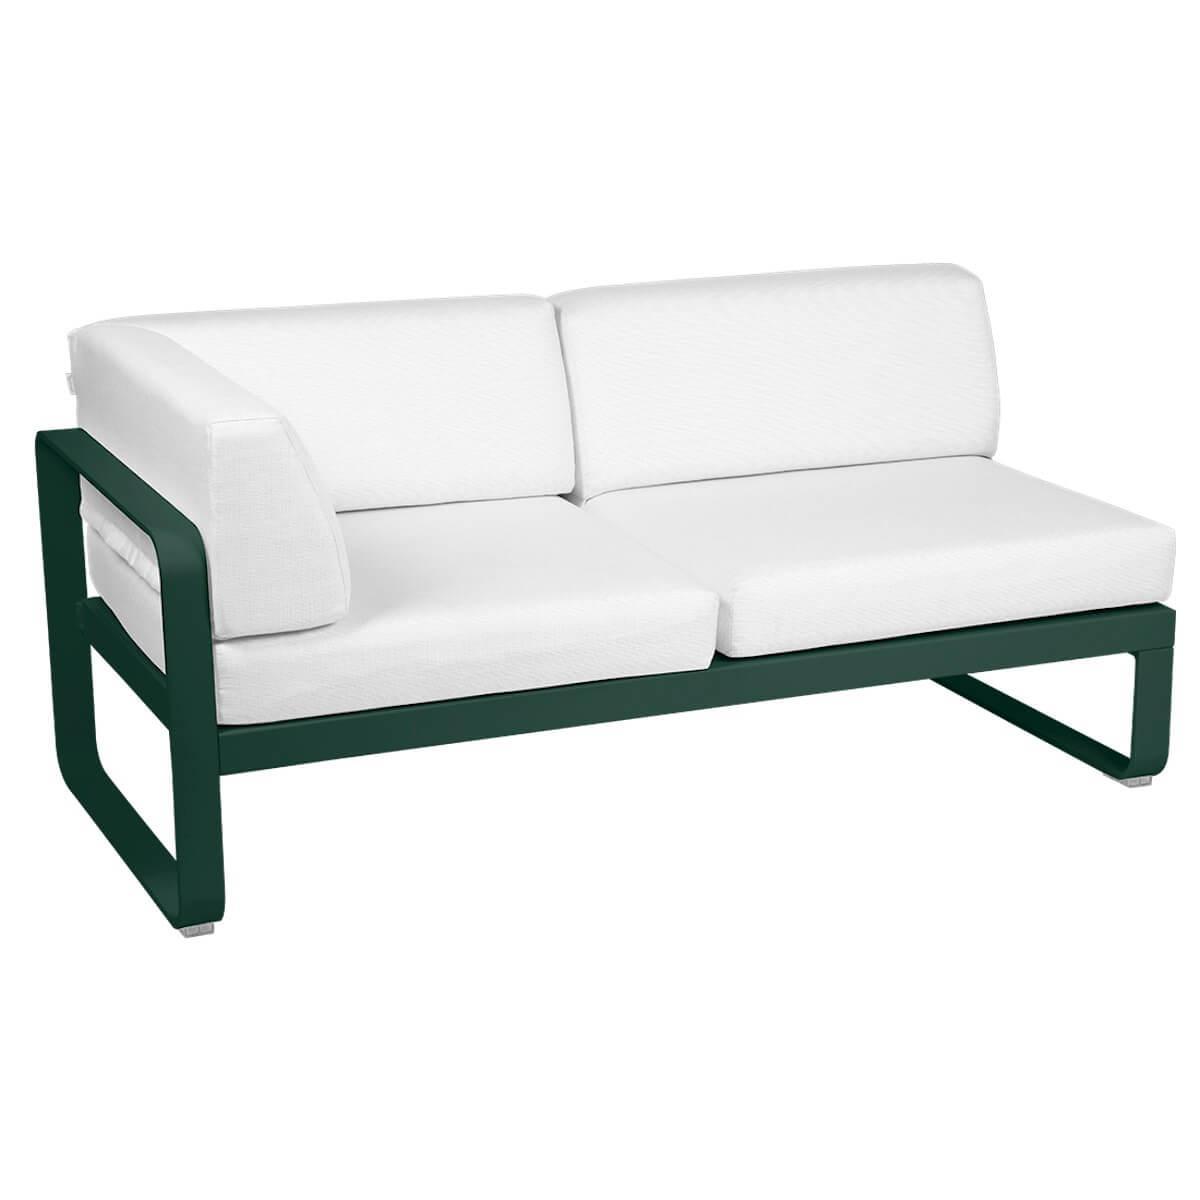 Module d'angle gauche 2 places BELLEVIE Fermob vert cèdre-Blanc grisé